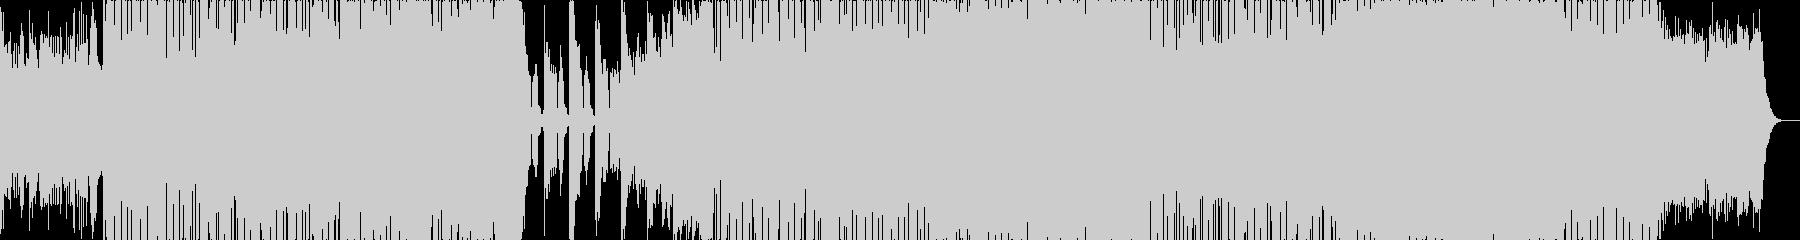 軽やかなビッグビート。の未再生の波形